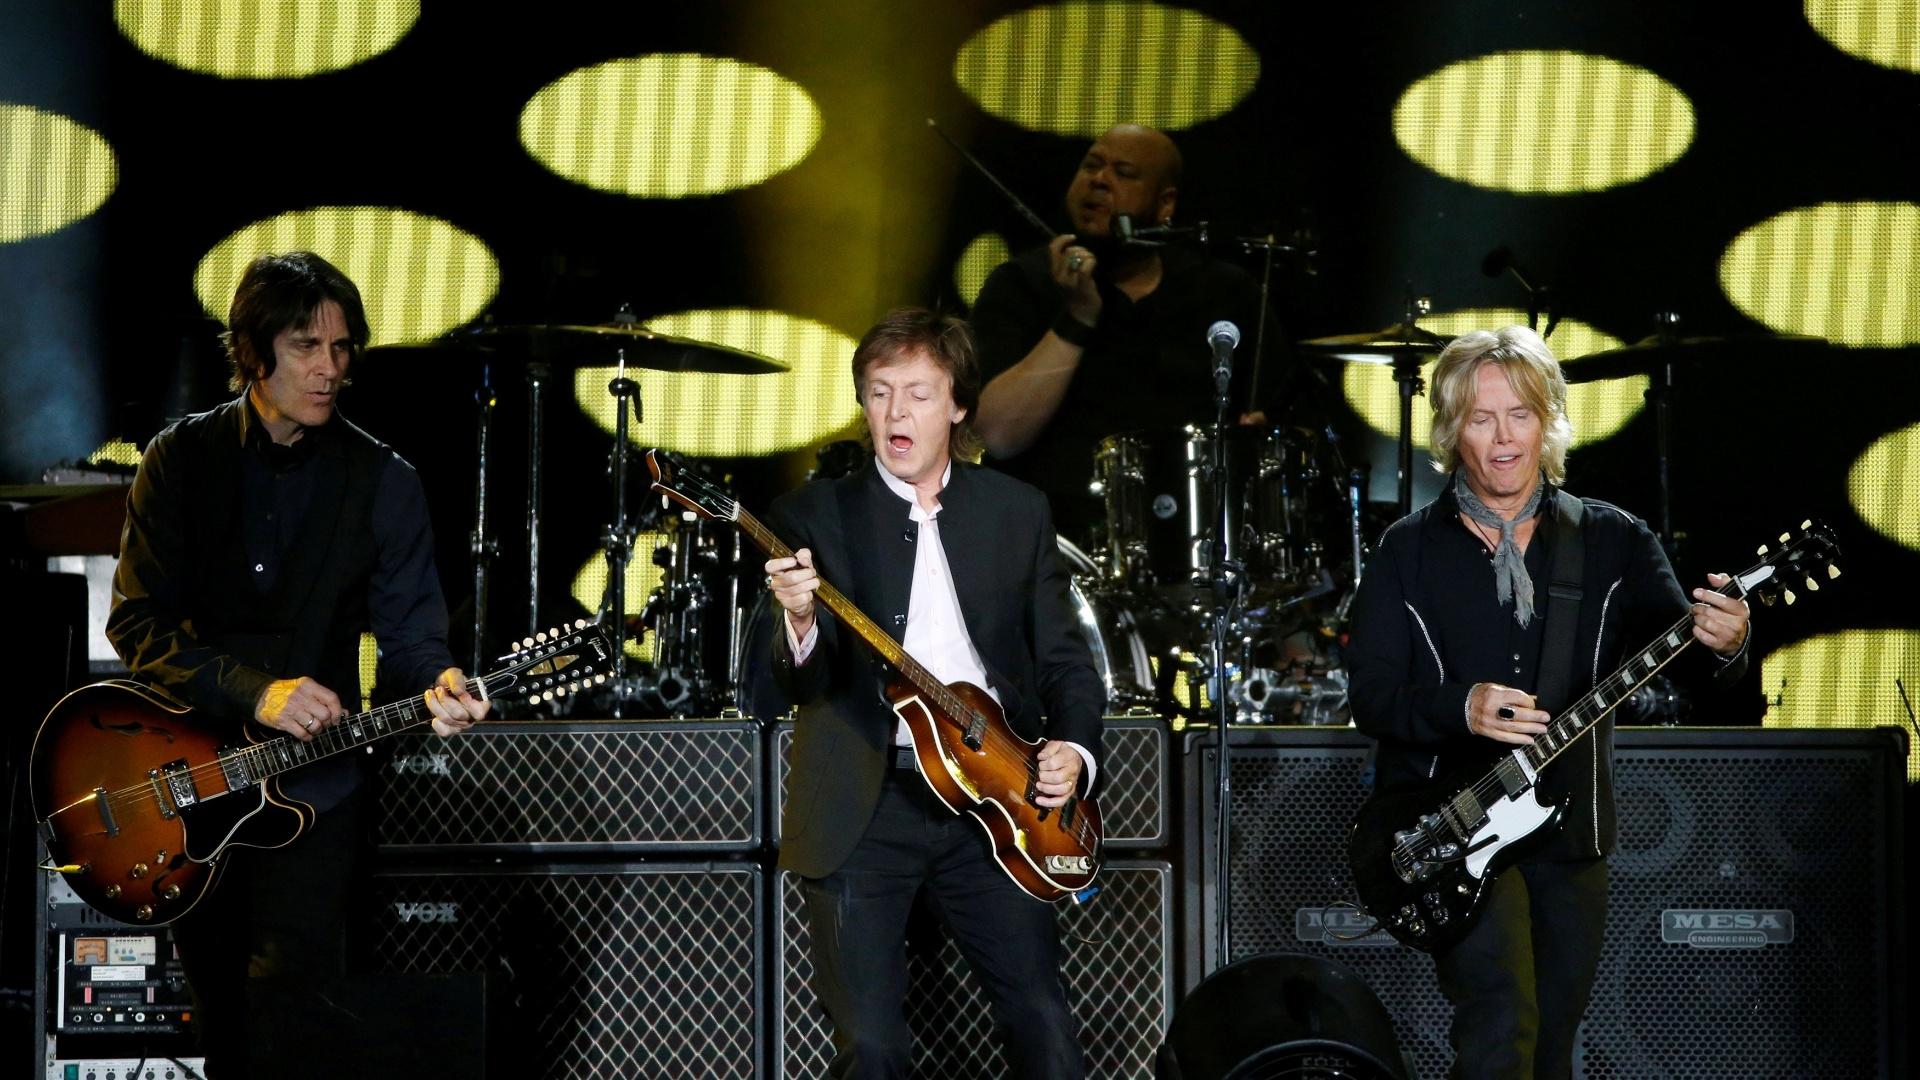 8.out.2016 - Paul McCartney fechou o segundo dia do festival Desert Trip, no Empire Polo Field, em Indio, na Califórnia, com hits dos Beatles e dos Wings